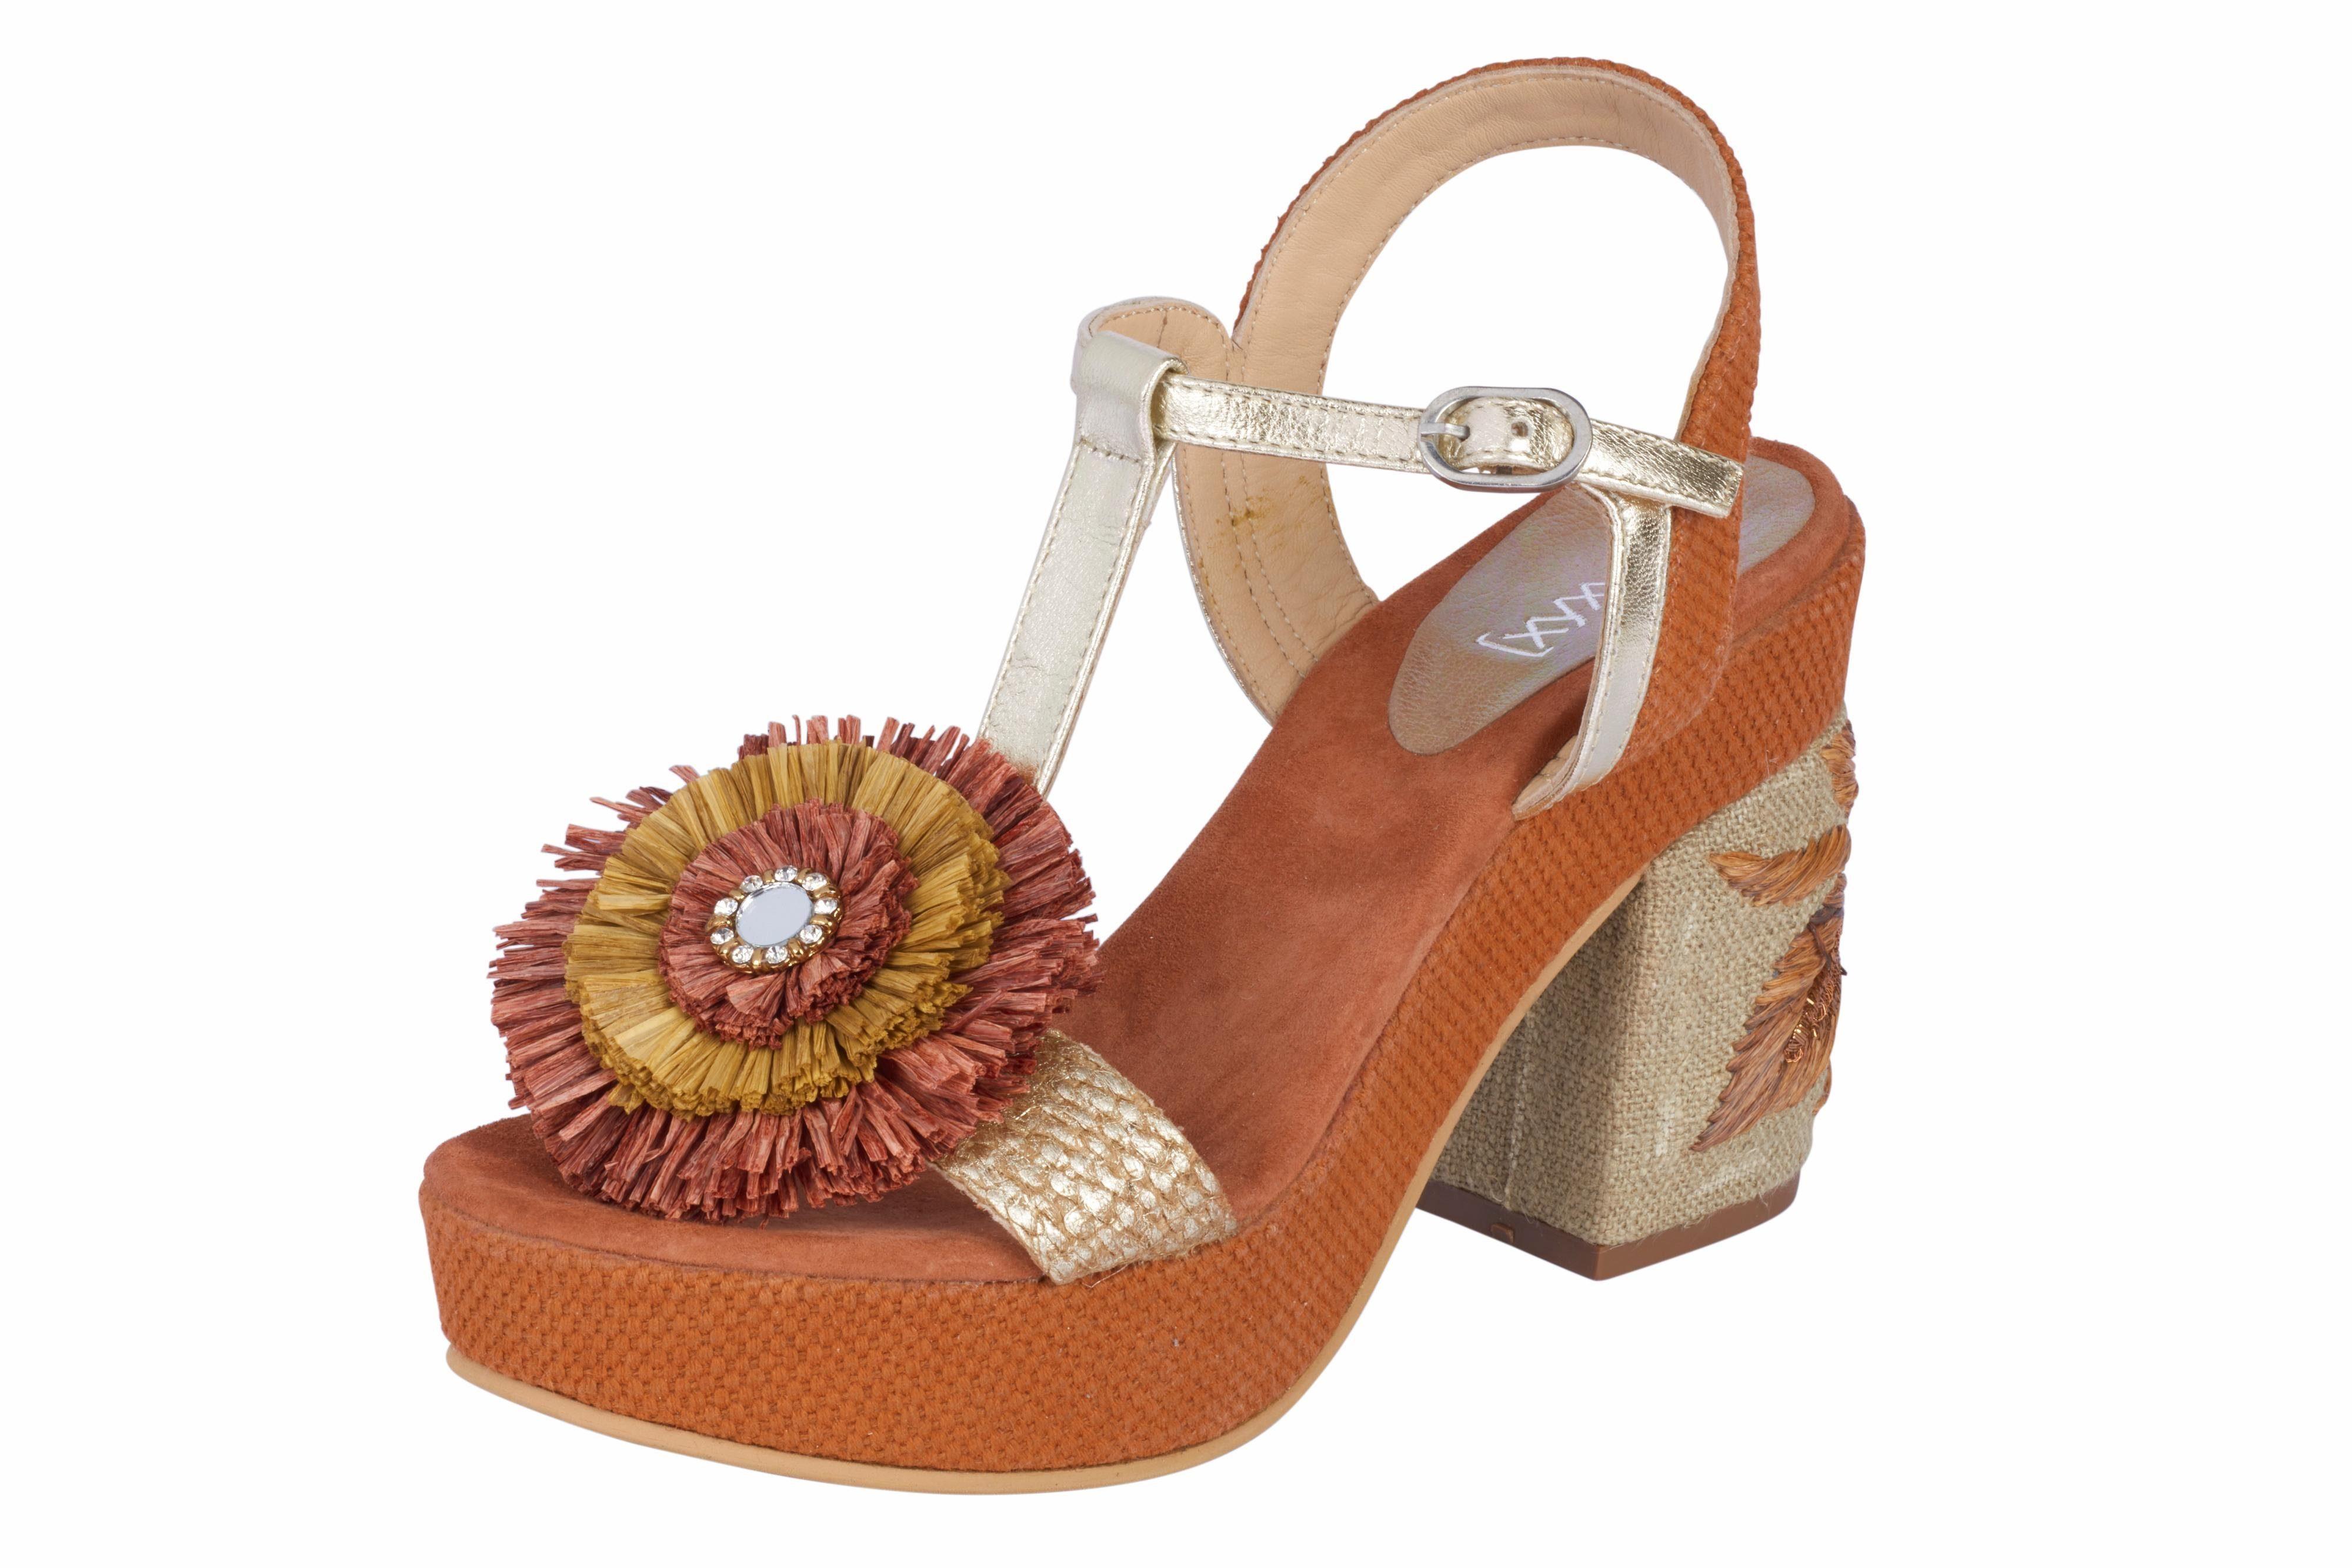 XYXYX Sandalette mit besticktem Absatz kaufen